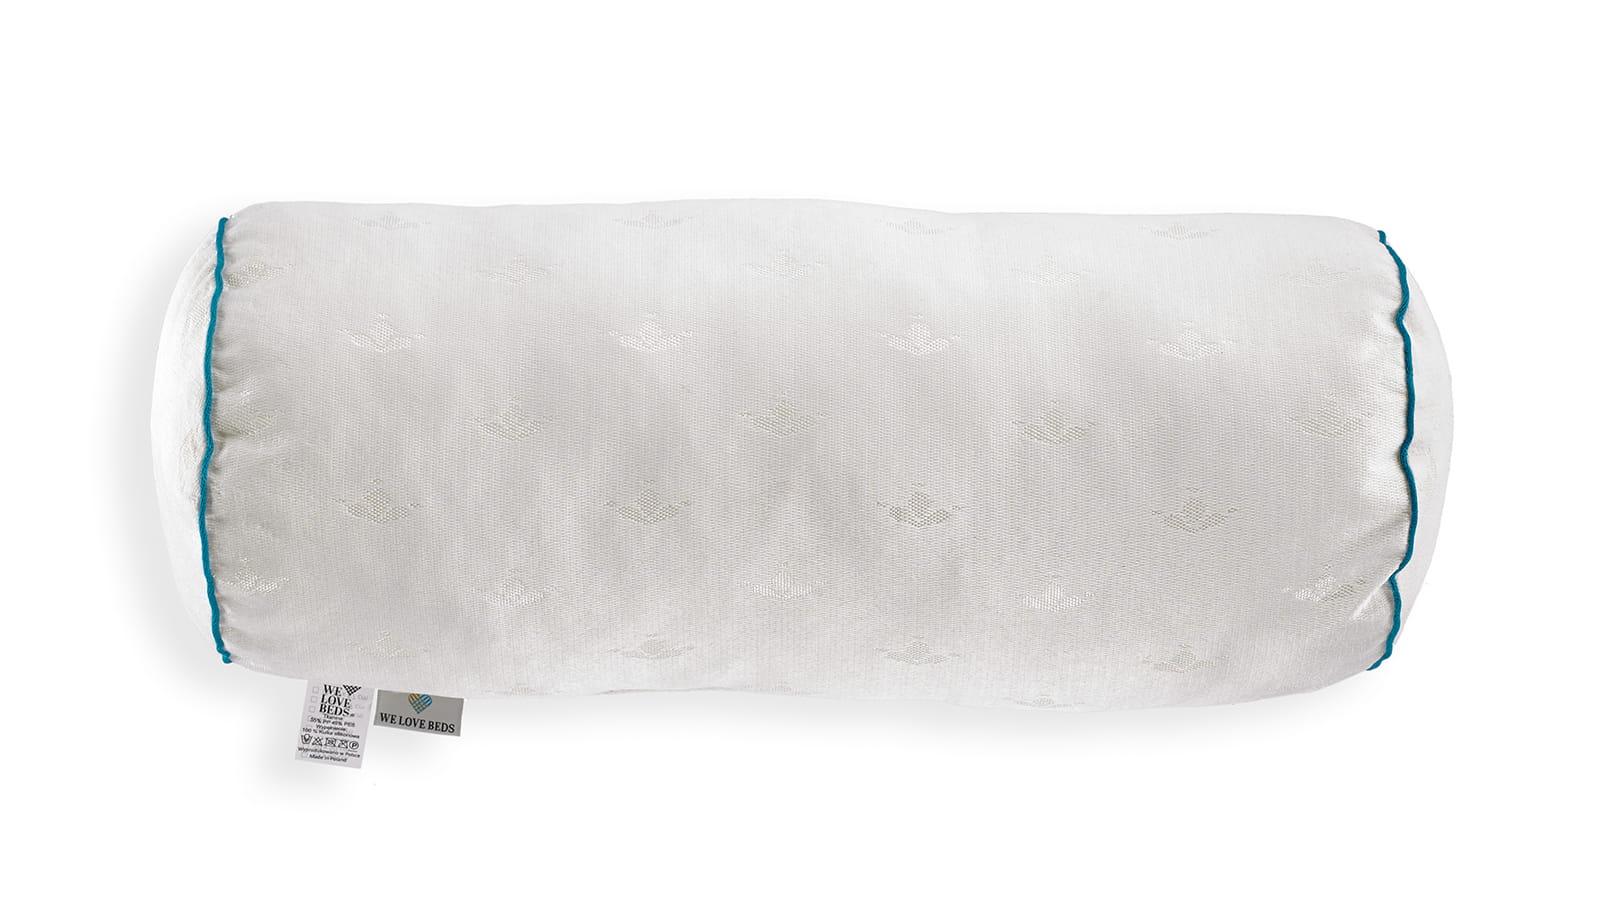 Wypełnienie jedwabne przeznaczone jest jako wkład do poszewek dekoracyjnych. Wykonane jest z wysokiej jakości syntetycznego jedwabiu, jest delikatne, miękkie i przytulne. Wypełnienie jest produktem najwyższej jakości, nietoksycznym i w stu procentach bezpiecznym. Z zewnątrz wykończone jest elegancką lamówką z wypustką, natomiast wewnątrz znajdują się silikonowe kulki. Kulki są antyalergiczne i całkowicie bezpieczne dla zdrowia. Są wytwarzane przez polskiego producenta, posiadają 3 atesty: - Oeko-Tex® Standard 10 – najważniejszy na świecie znak bezpieczeństwa dla wyrobów włókienniczych. Produkty posiadające ten znak są wolne od wszelkich substancji szkodliwych w stężeniach mających negatywny wpływ na ludzkie zdrowie - TUV – certyfikat spełnienia norm środowiskowych na zawartość formaldehydu i związków cynoorganicznych - Międzynarodowy Certyfikat Trudnopalności FIRA wydany przez światowych specjalistów Wypełnienie jest produktem najwyższej jakości, nietoksycznym i w stu procentach bezpie